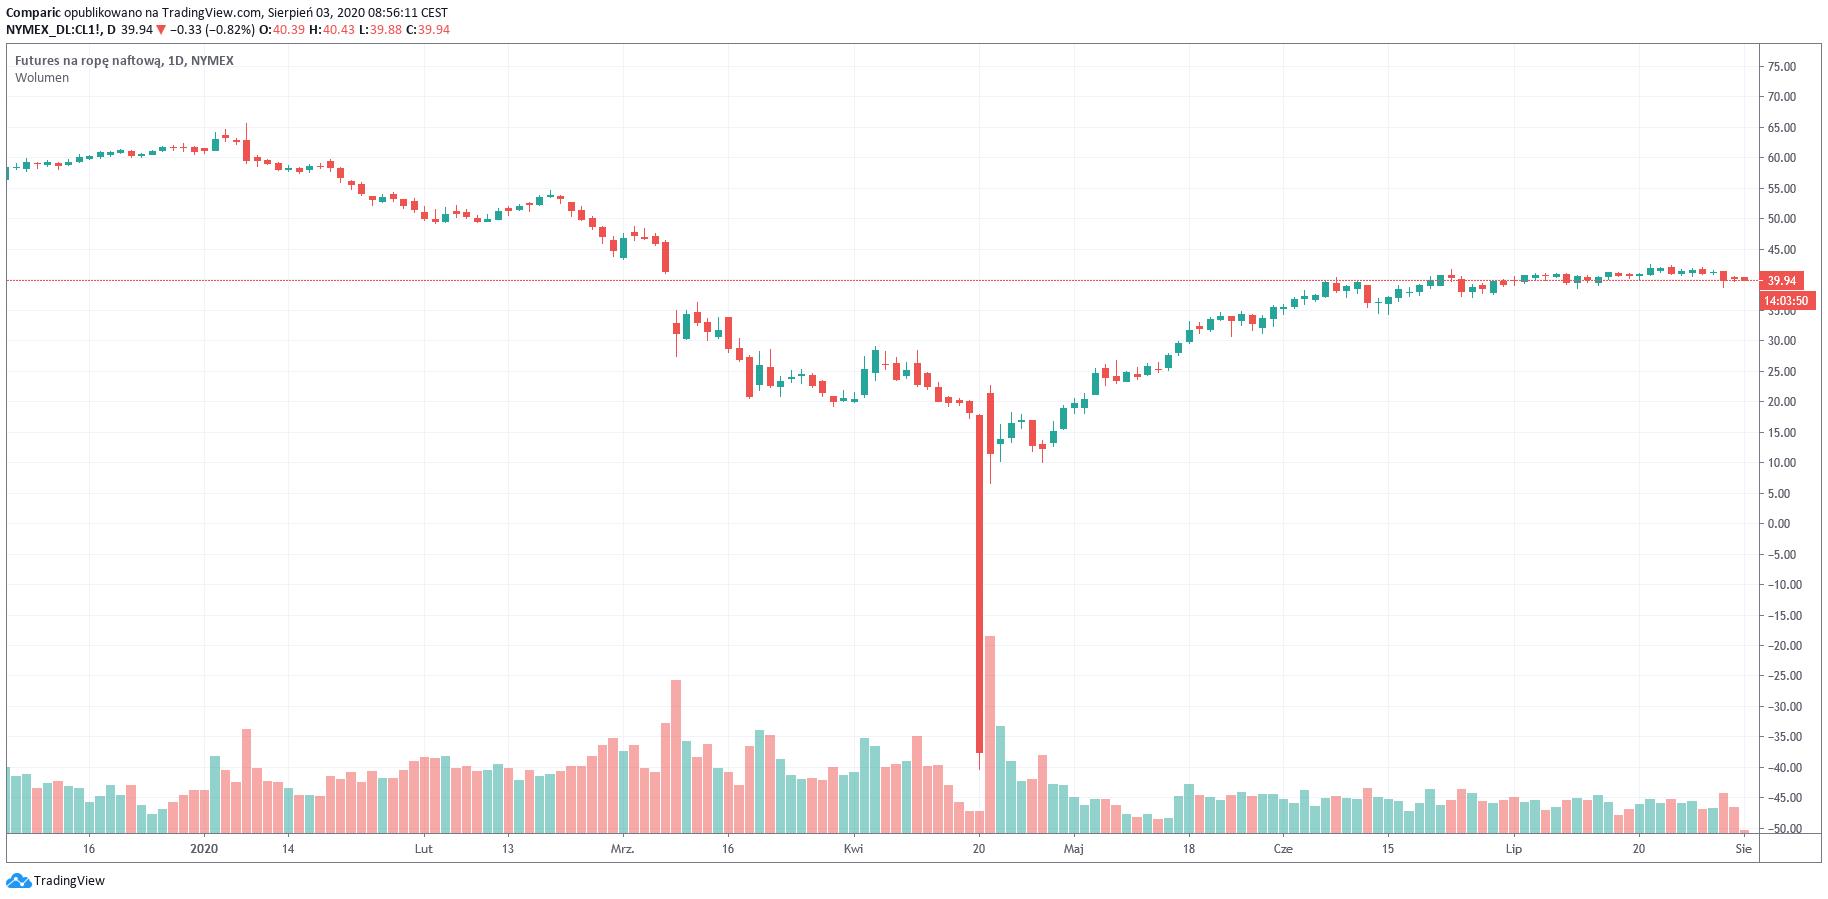 Cena ropy WTI poniżej 40 dol. Czy OPEC+ zwiększy wydobycie?